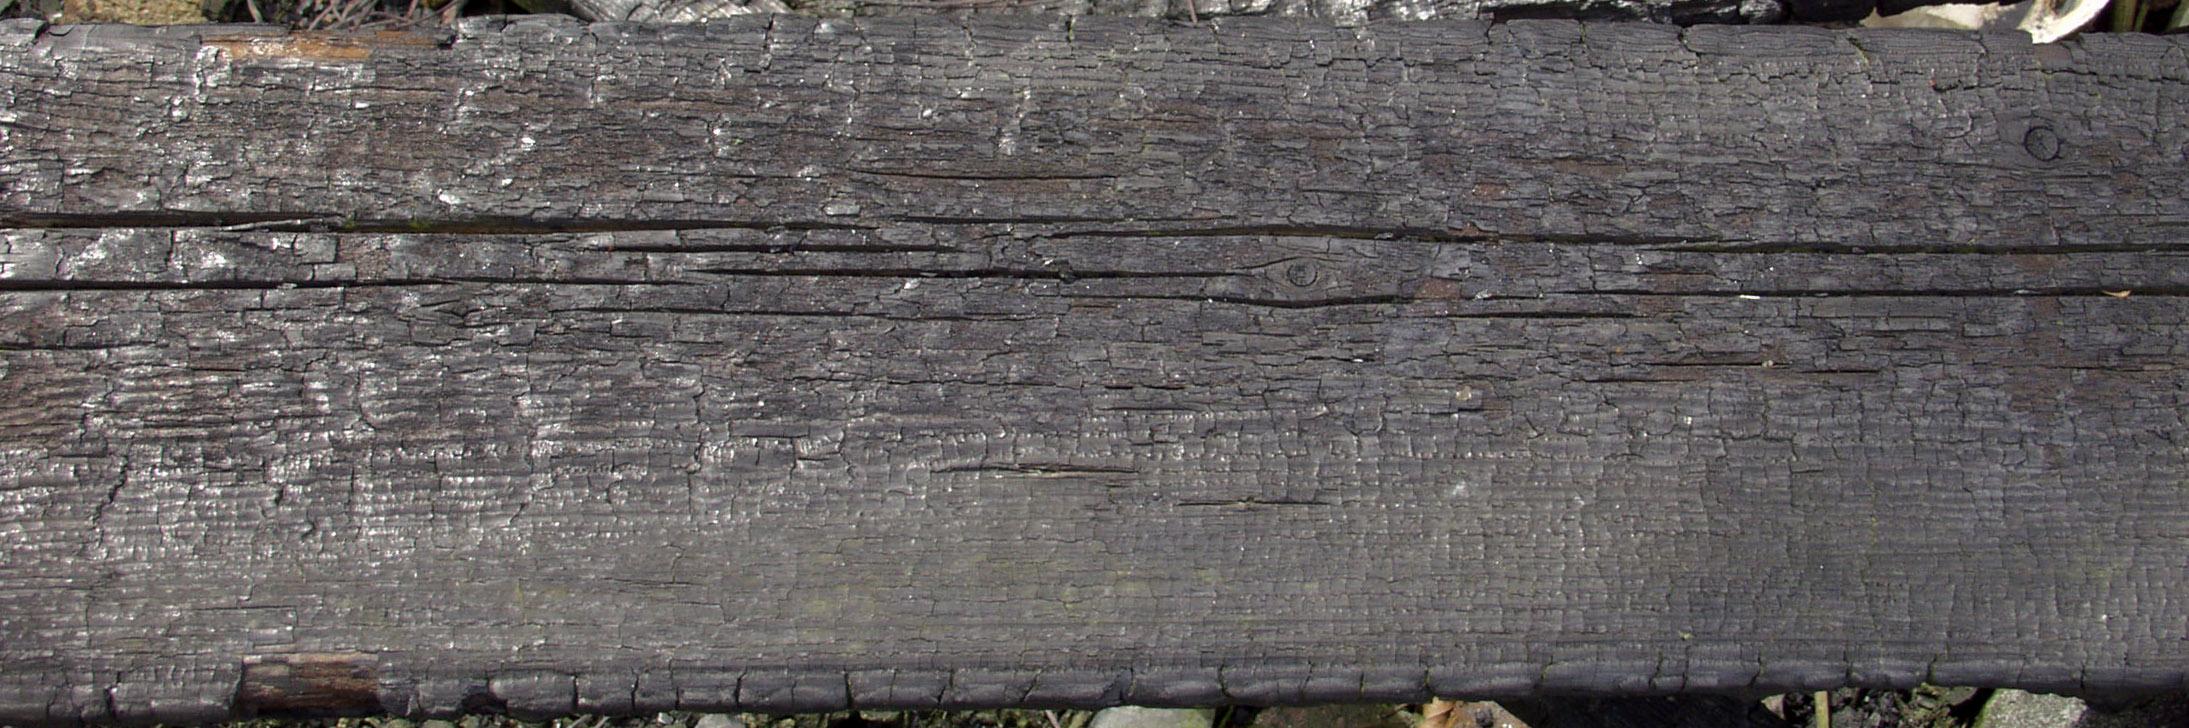 木材-燃烧过的-木梁(11)